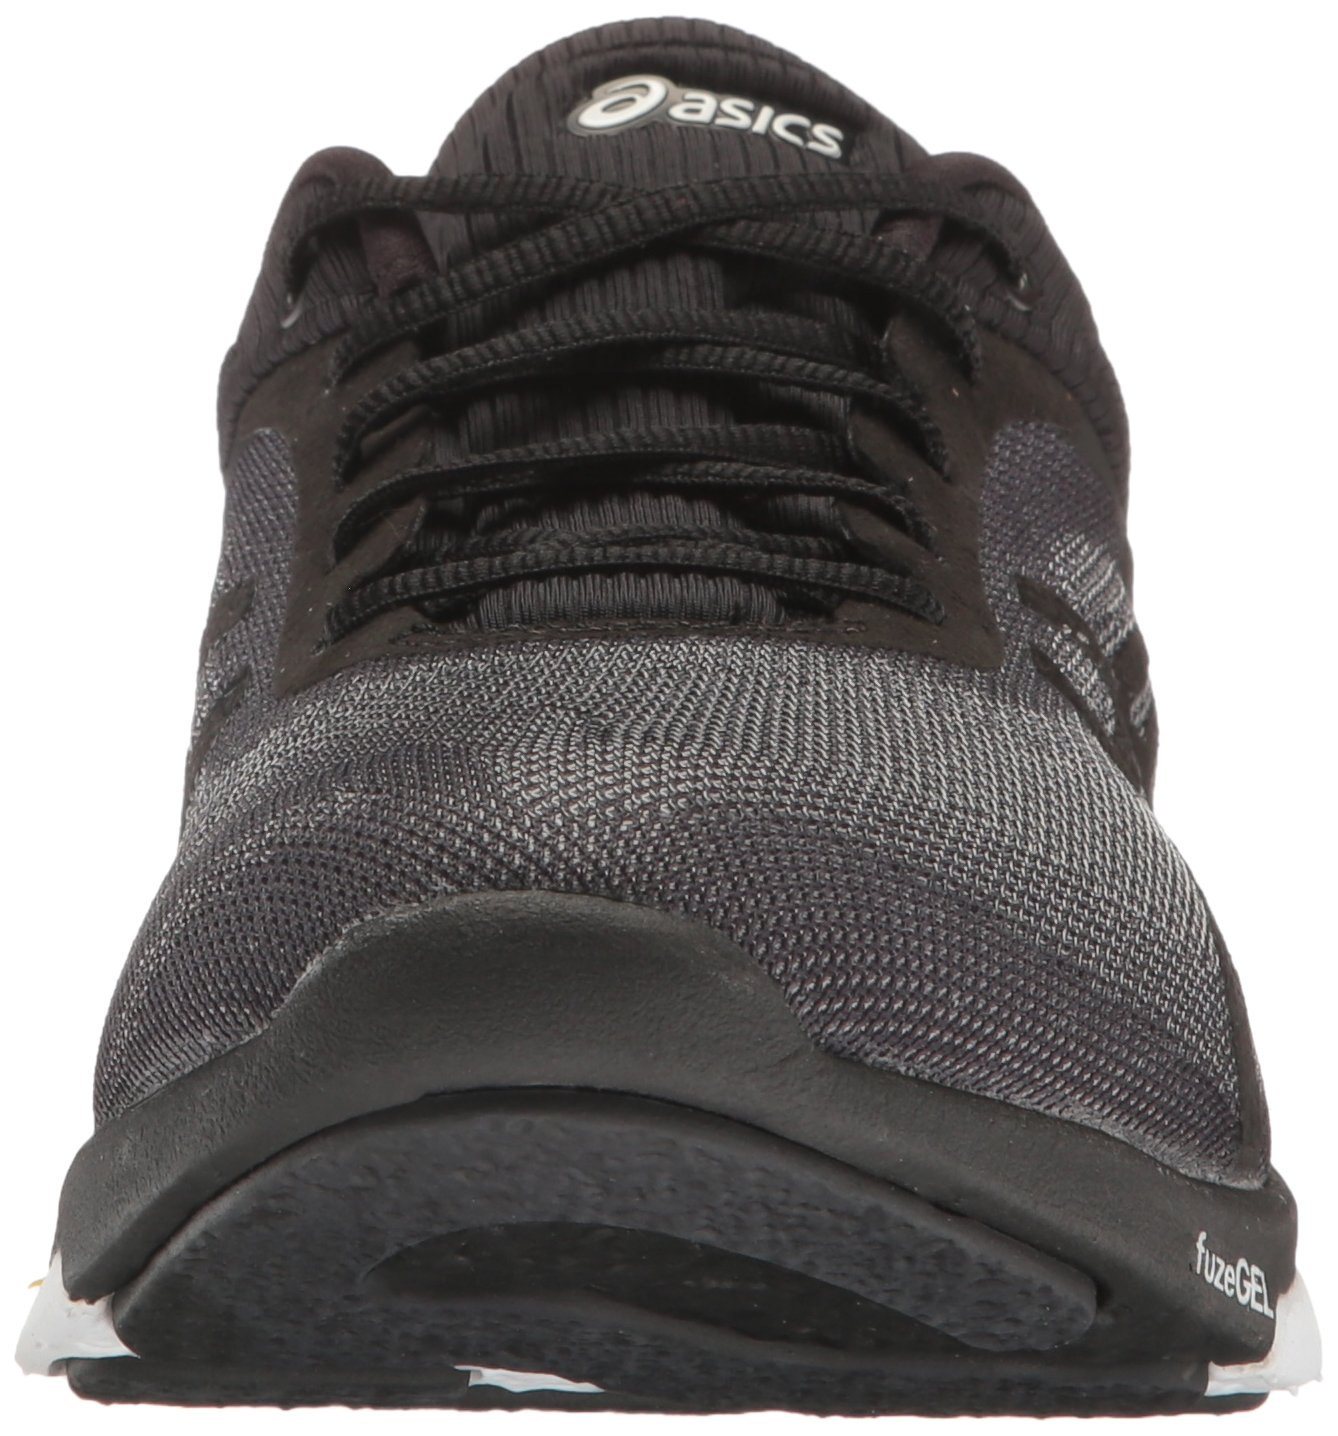 ASICS Women's B01GU2TUO8 Fuzex Rush Running Shoe B01GU2TUO8 Women's 5 B(M) US|Mid Grey/Black/White 0cb456